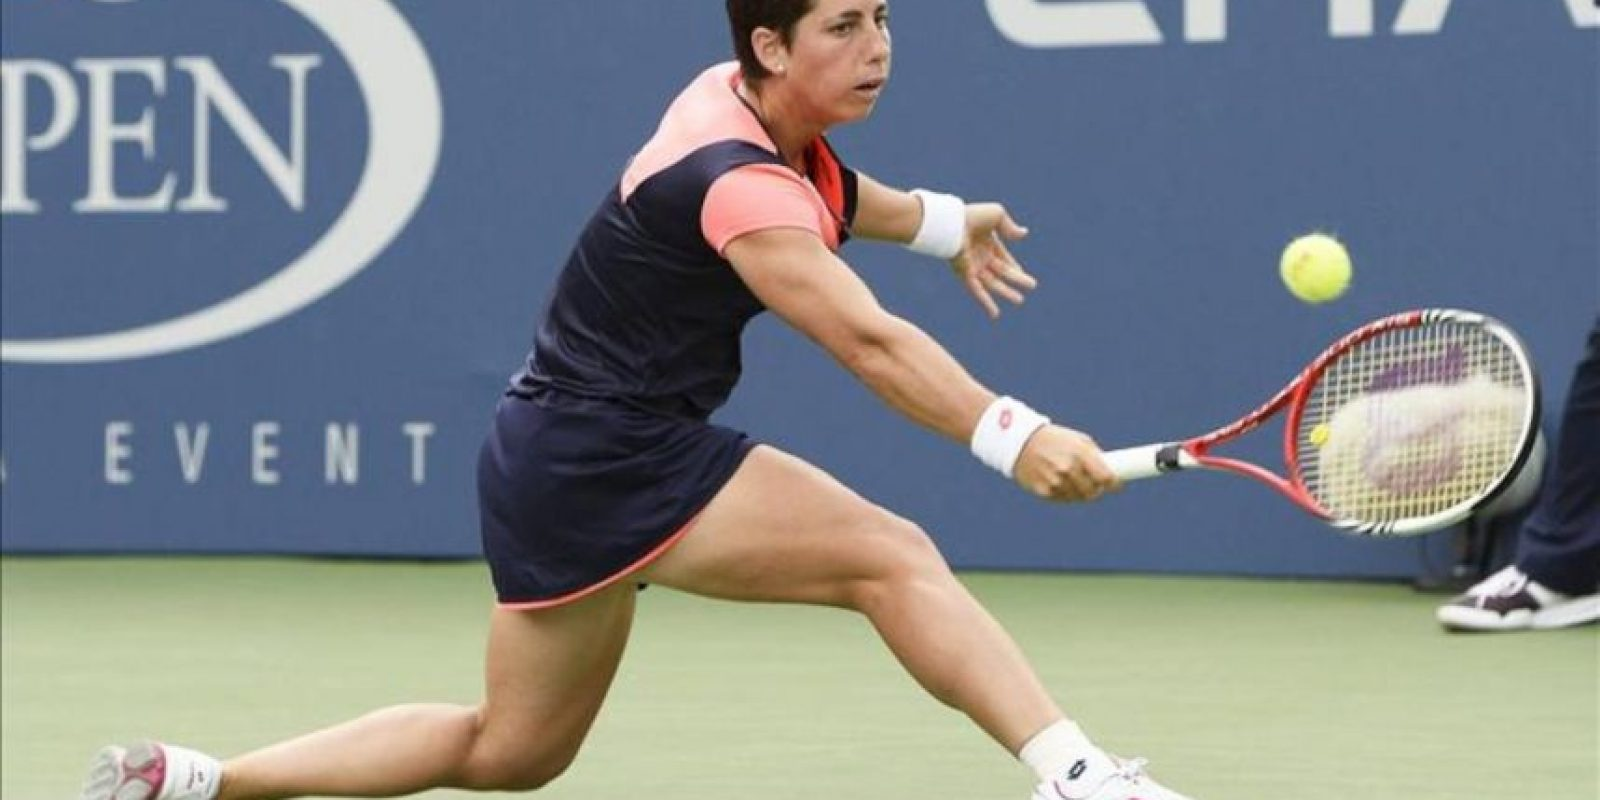 La tenista española Carla Suárez Navarro devuelve una bola a la china Jie Zheng, durante el partido de la quinta jornada del Abierto de tenis de Estados Unidos que se disputa en Flushing Meadows, Nueva York (EE.UU.), el 30 de agosto del 2013. EFE